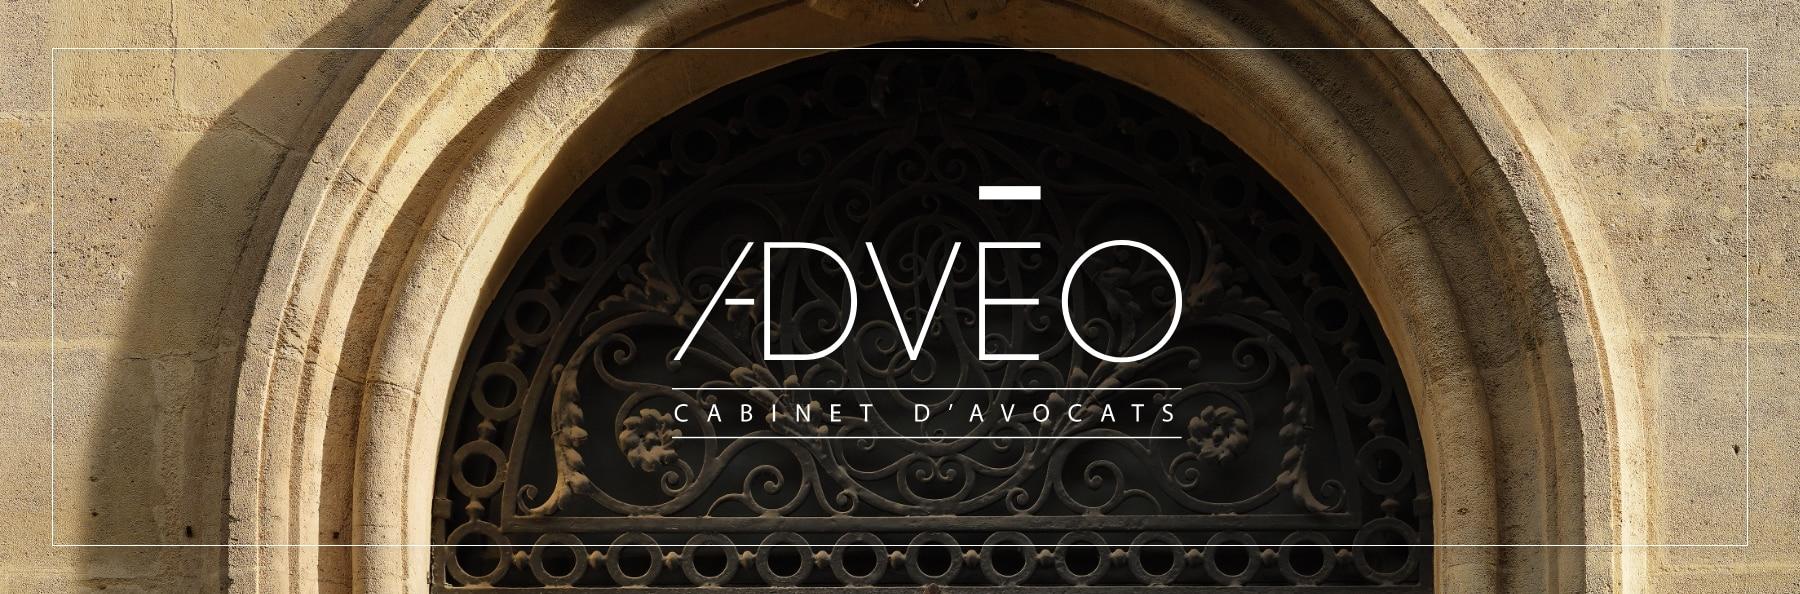 Adveo Avocats, accueil du site